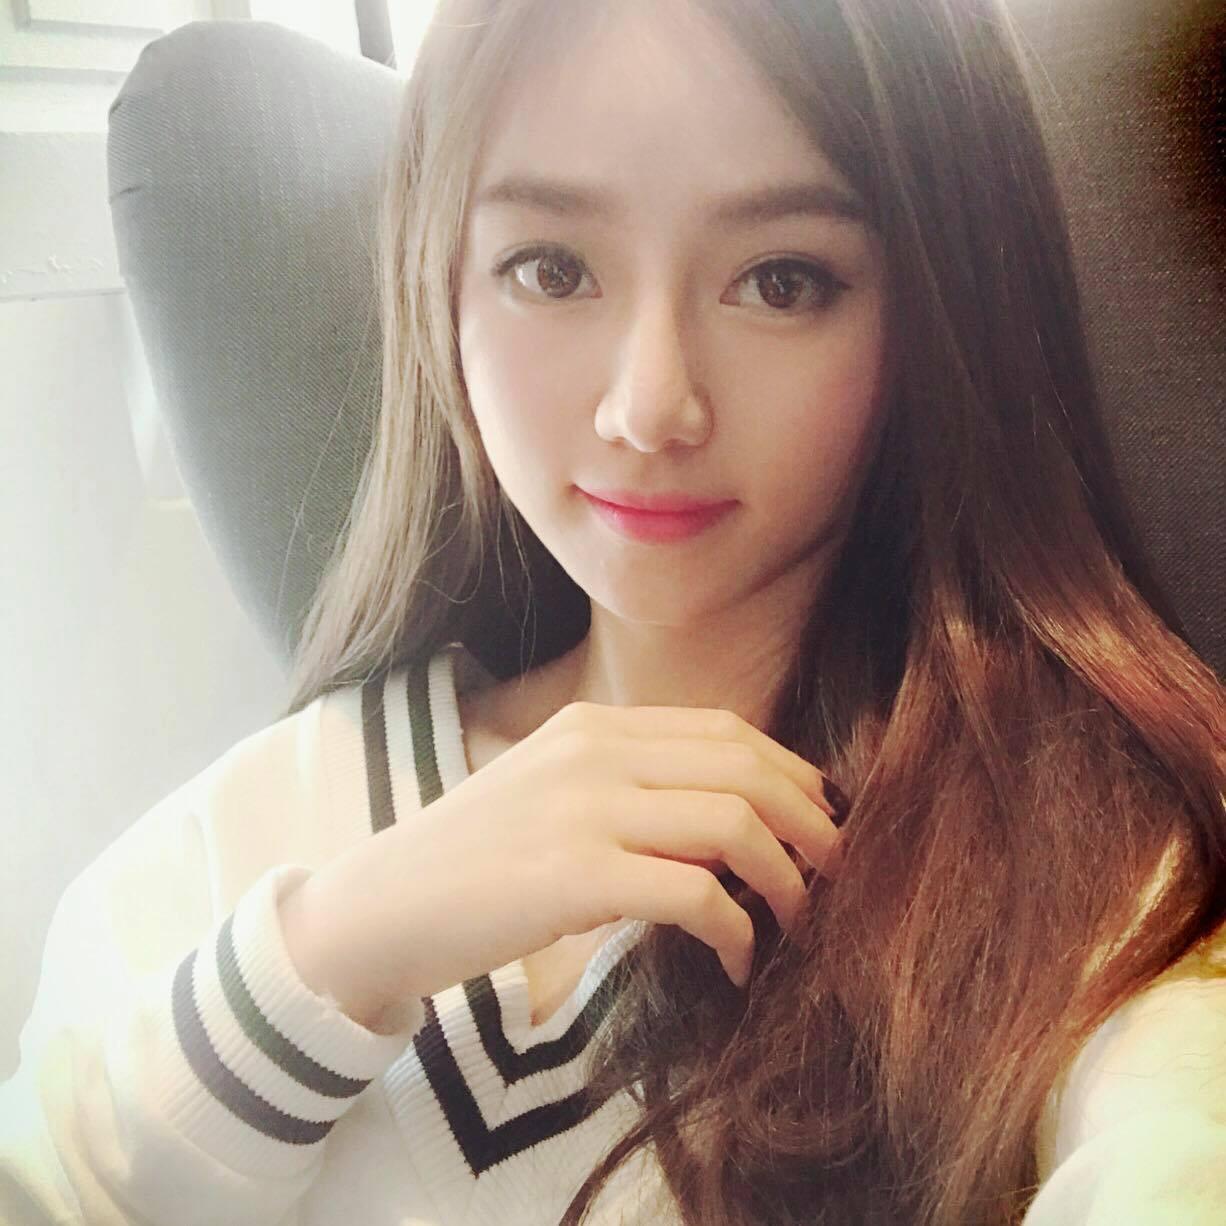 Quá xinh và ngọt ngào, bạn gái của Chi Dân trong MV Yêu từ phía xa là ai? - Ảnh 5.